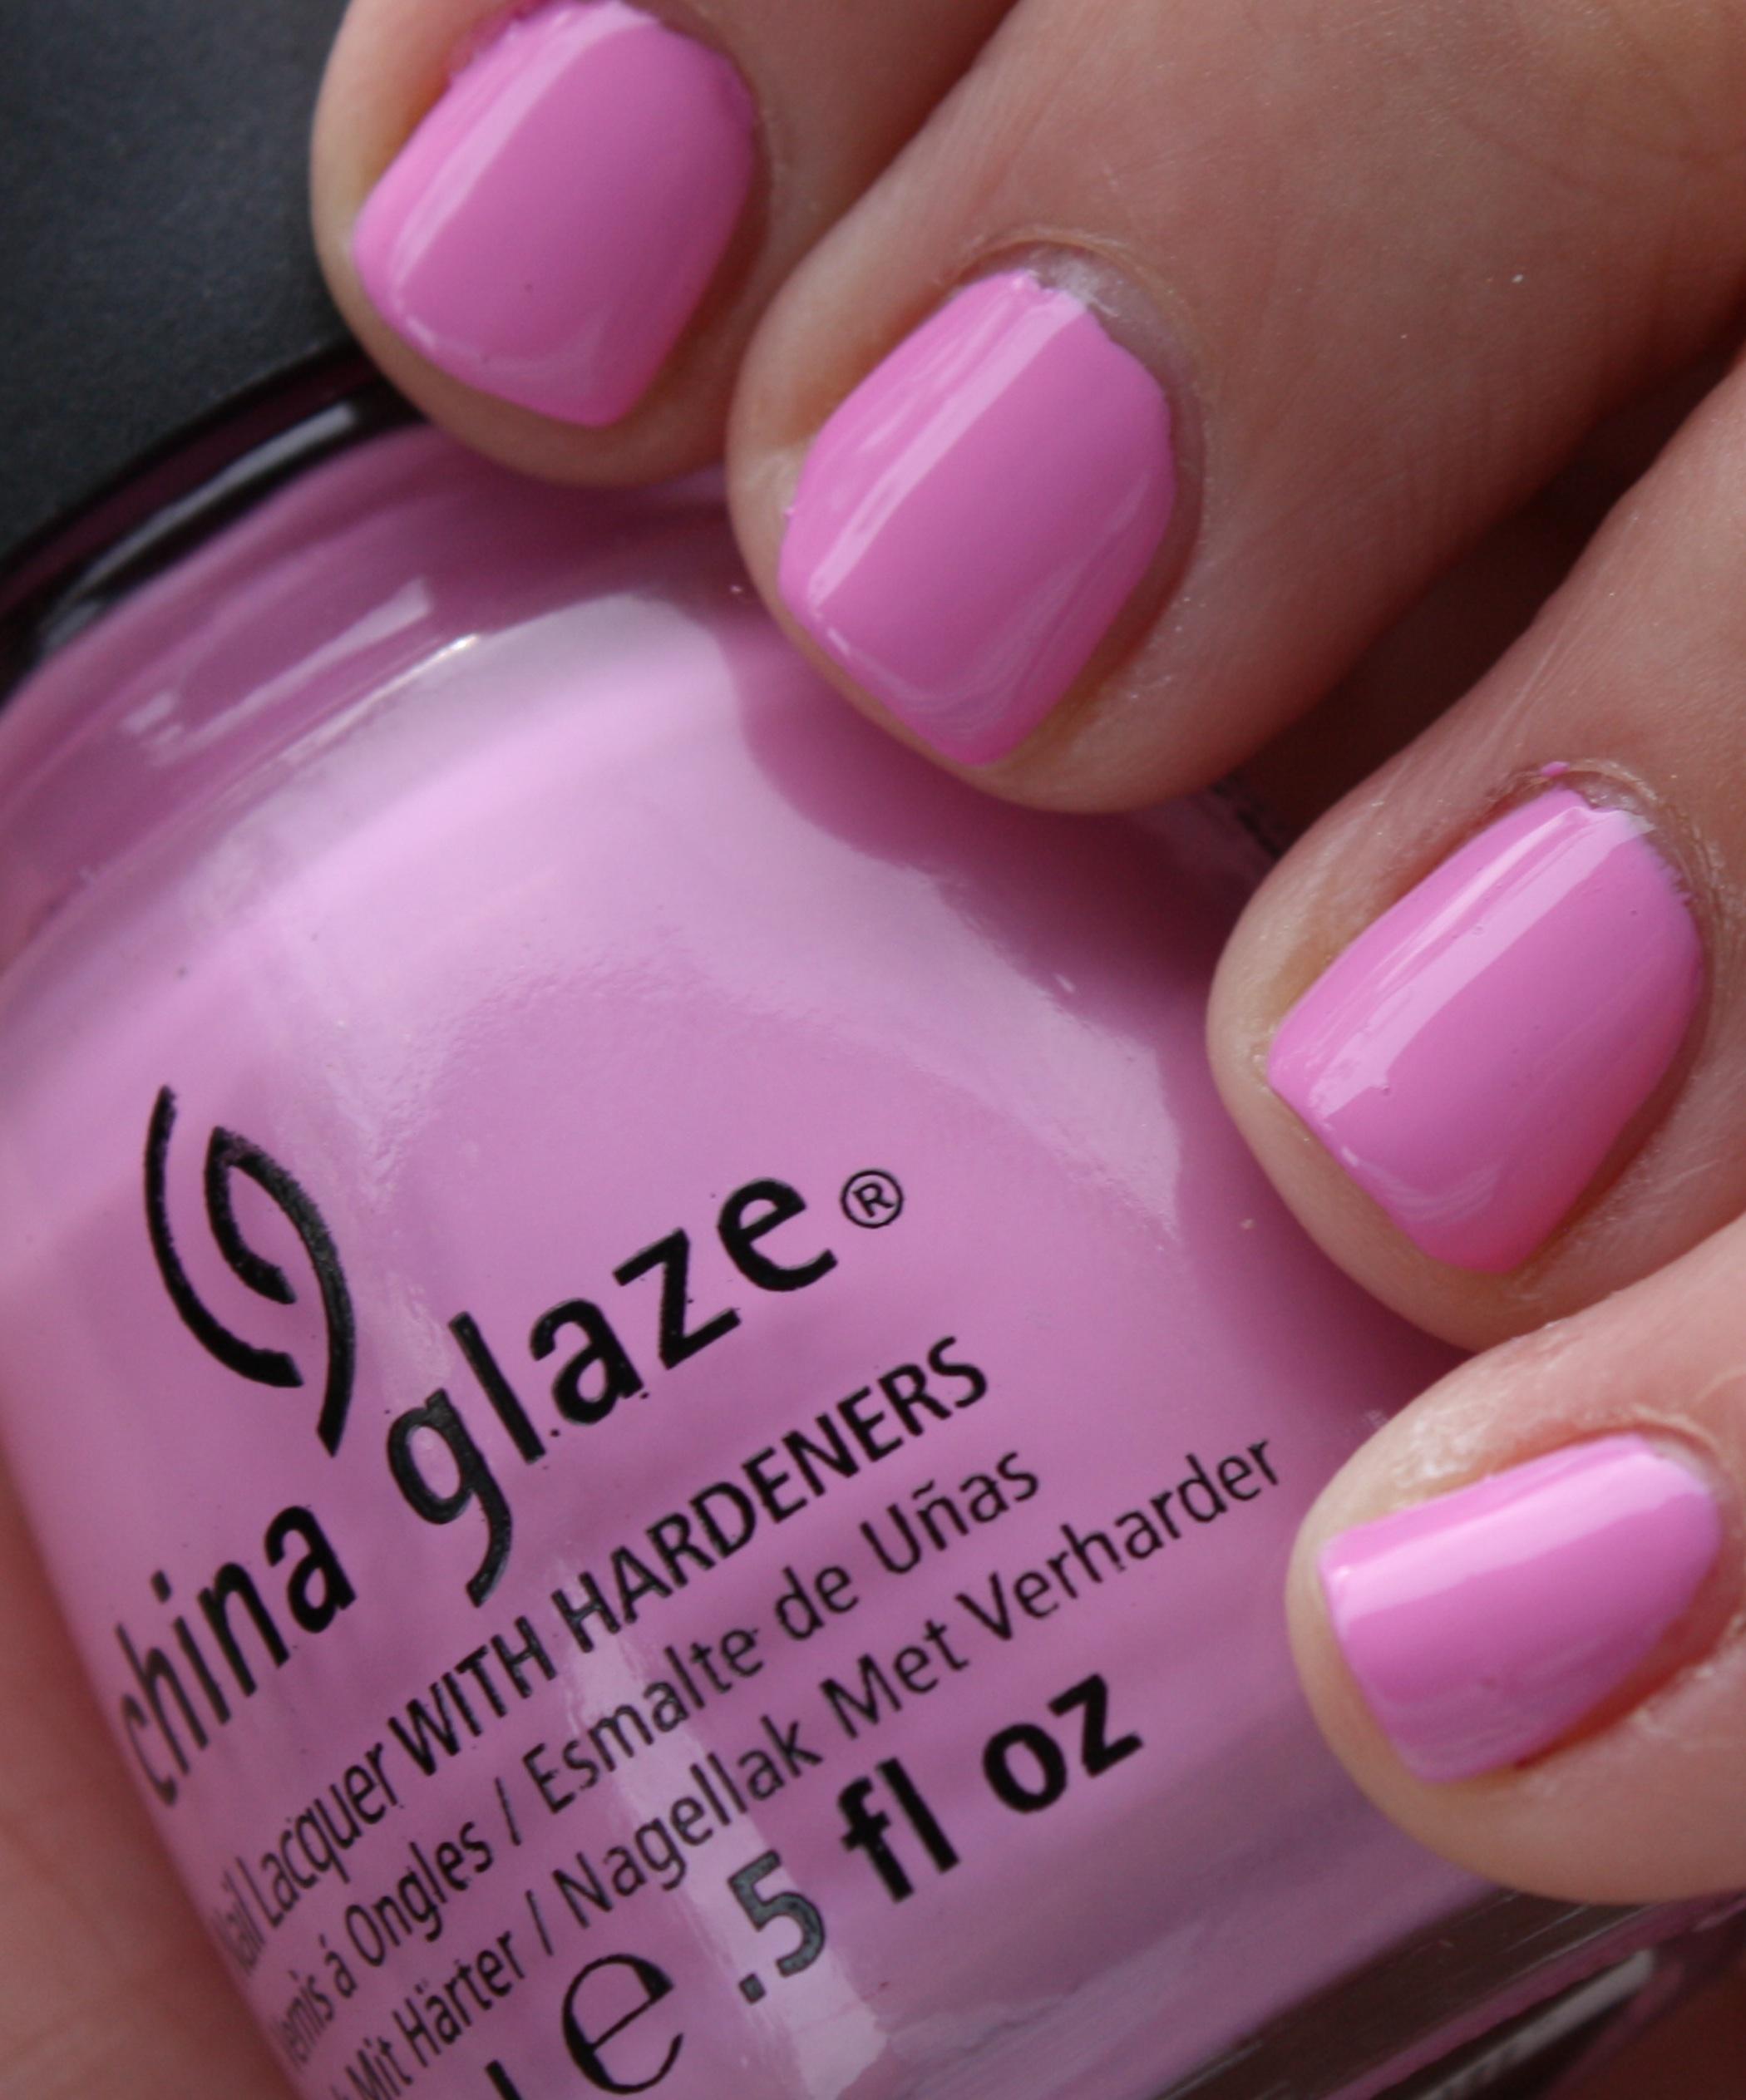 China Glaze Nail Polish In Bulk: China Glaze Pink Nail Polish In Bulk